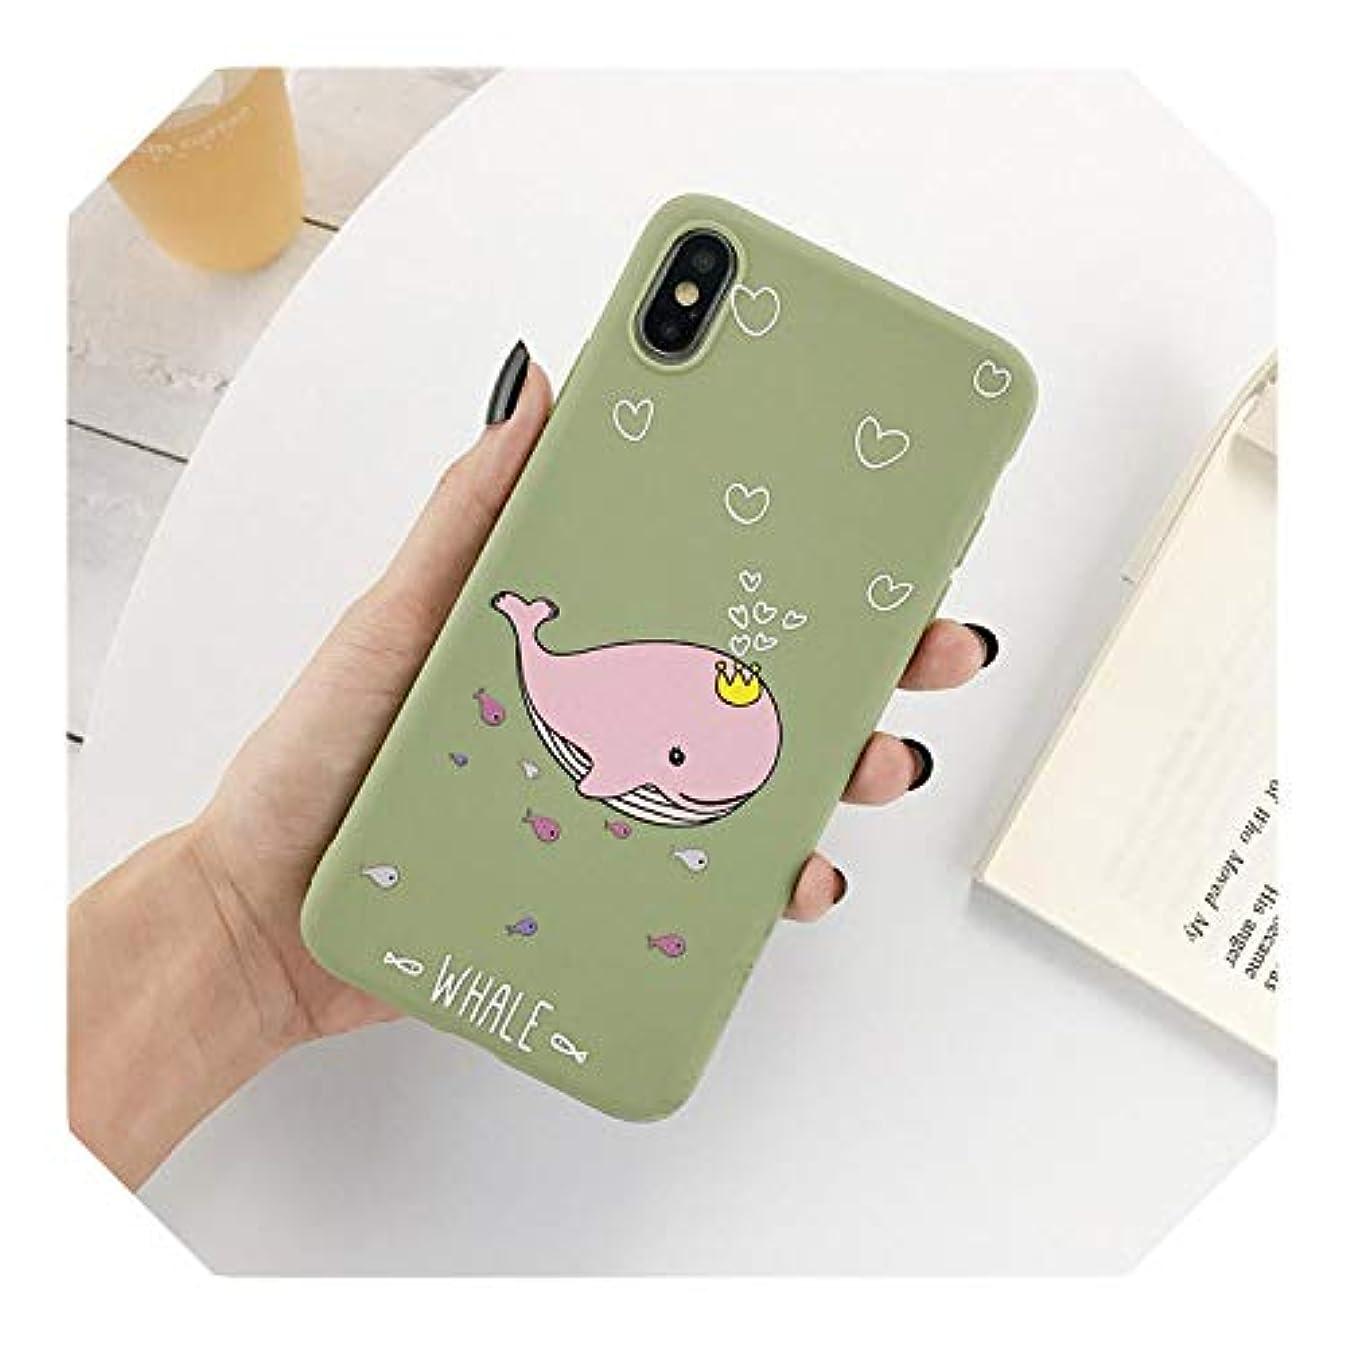 戦闘縁石ジャーナリストCartoon Funny Dinosaur Phone Case For iPhone 11 6 7 8 Plus X XR XS Max Cute Case For iPhone 6 Plus Soft Silicon Back Case-7998MG3-For iPhone 11